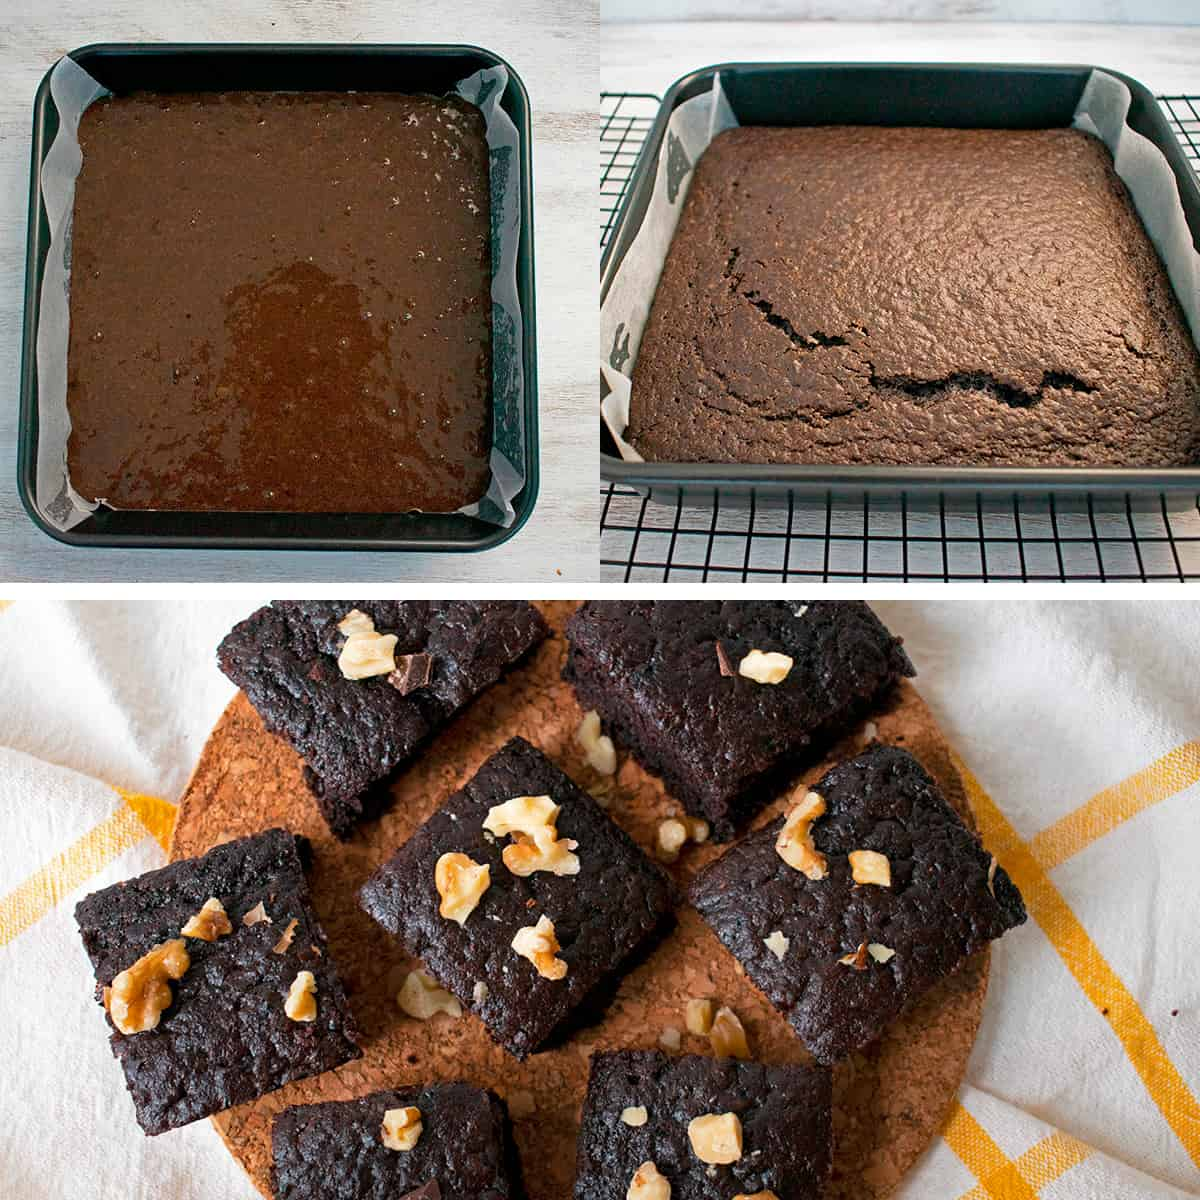 Mezcla de brownies en el molde lista para ir al horno. Molde con brownies acabados de salir del horno y finalmente brownies en porciones.